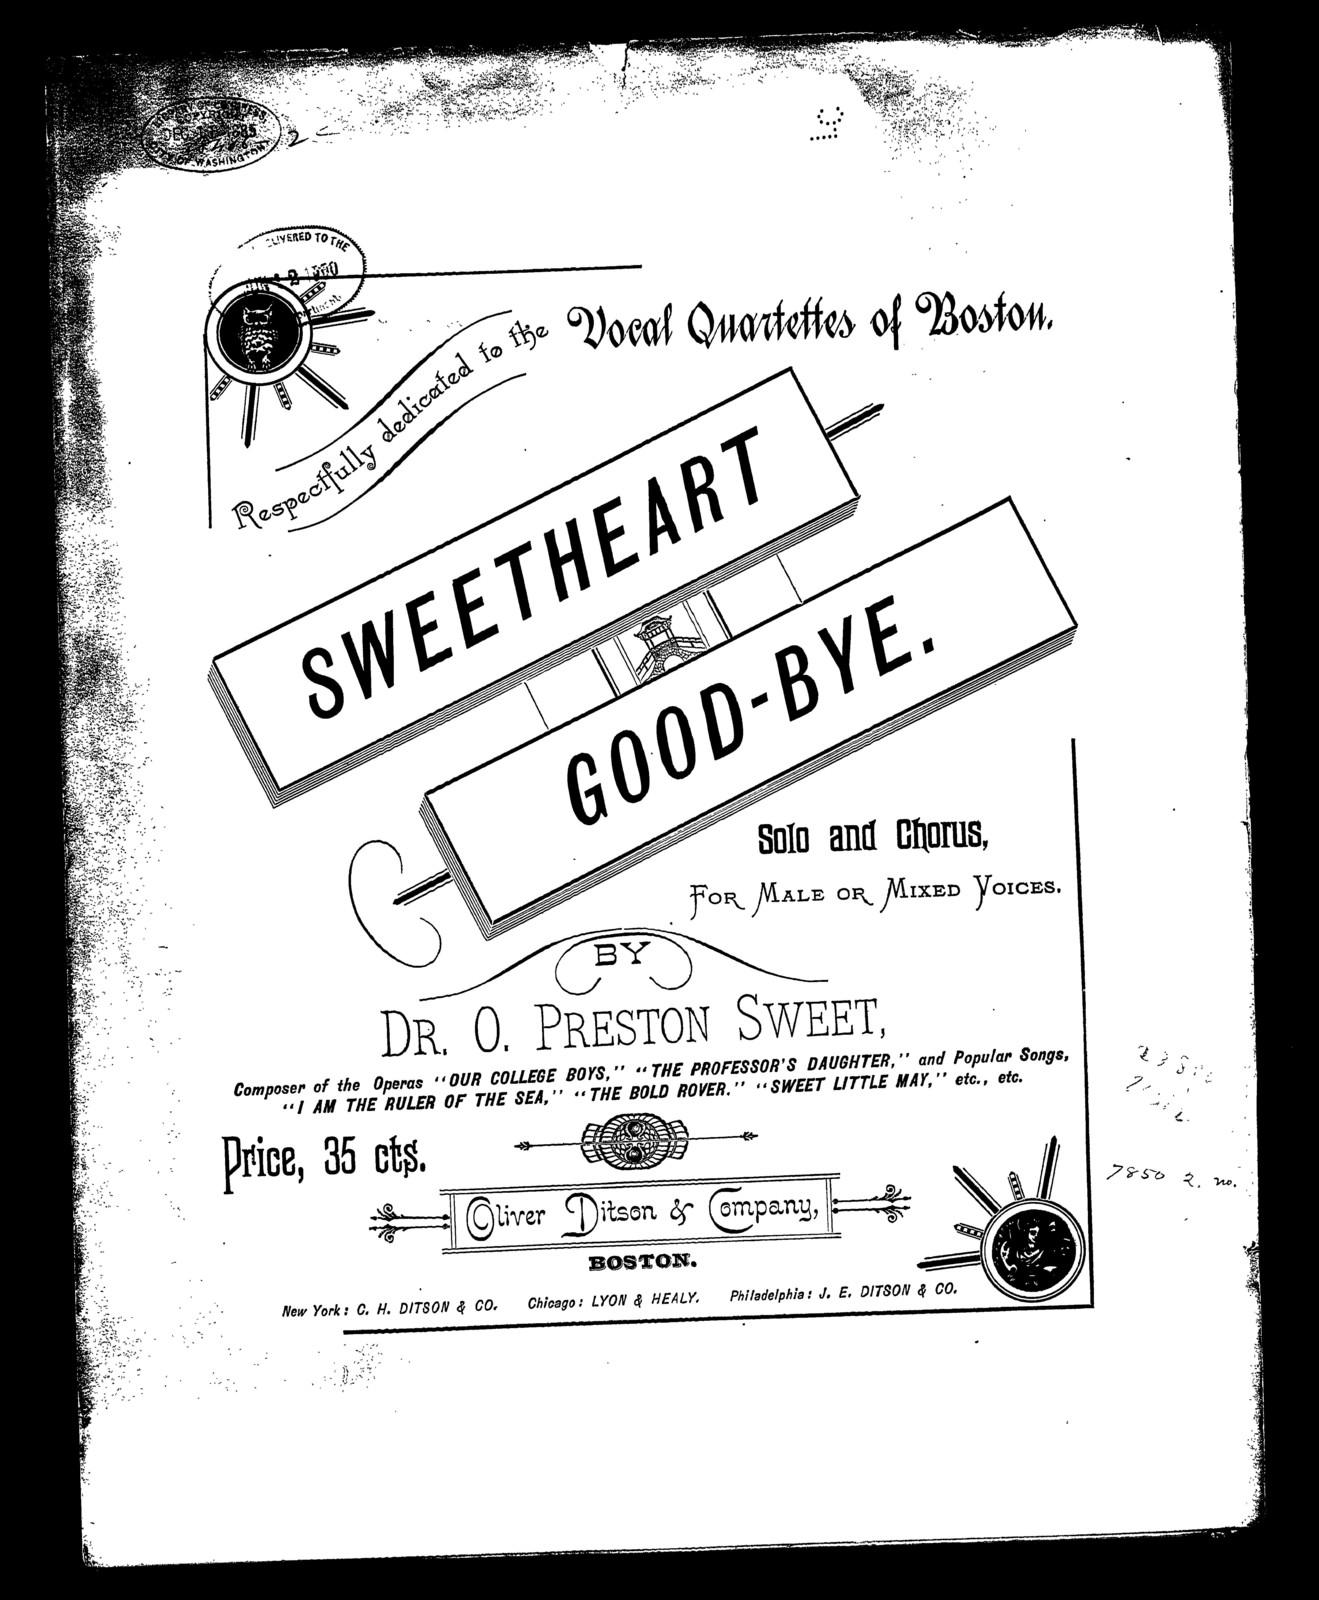 Sweetheart, good-bye